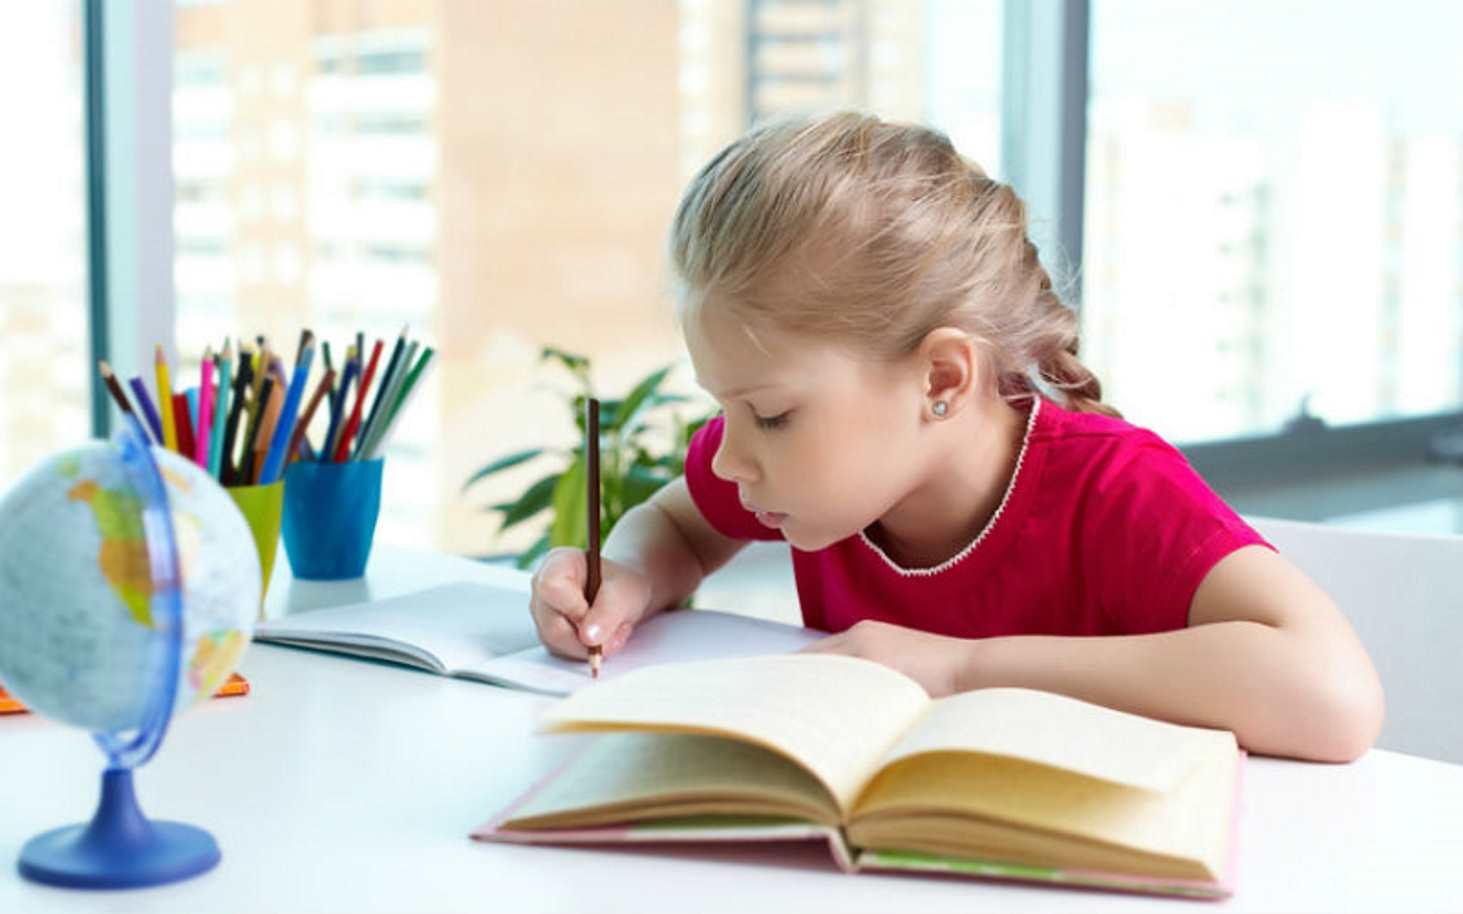 olga-vasileva-prizvala-pedagogov-ne-davat-shkolnikam-domashnee-zadanie-na-kanikuly